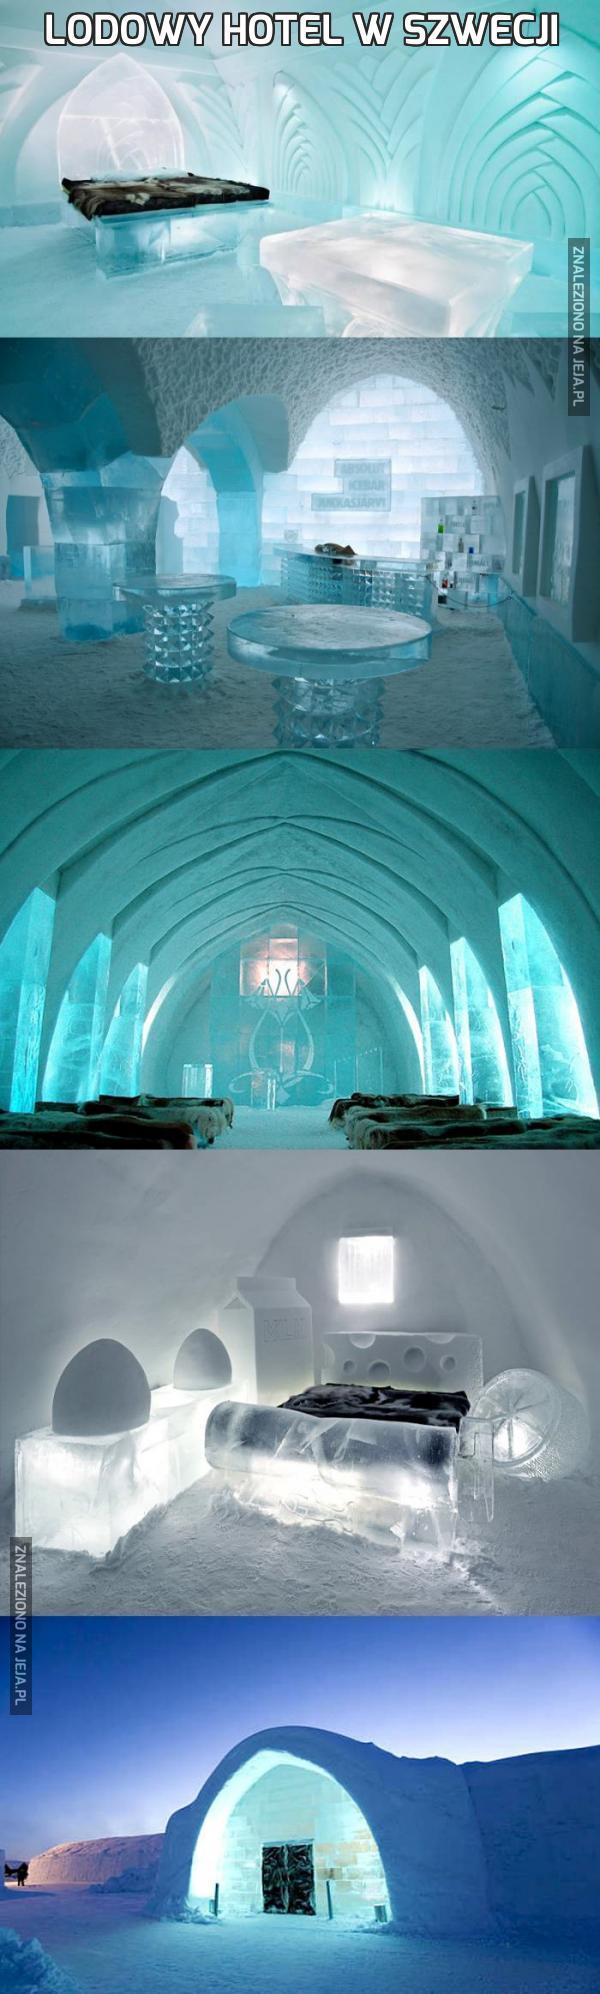 Lodowy hotel w Szwecji